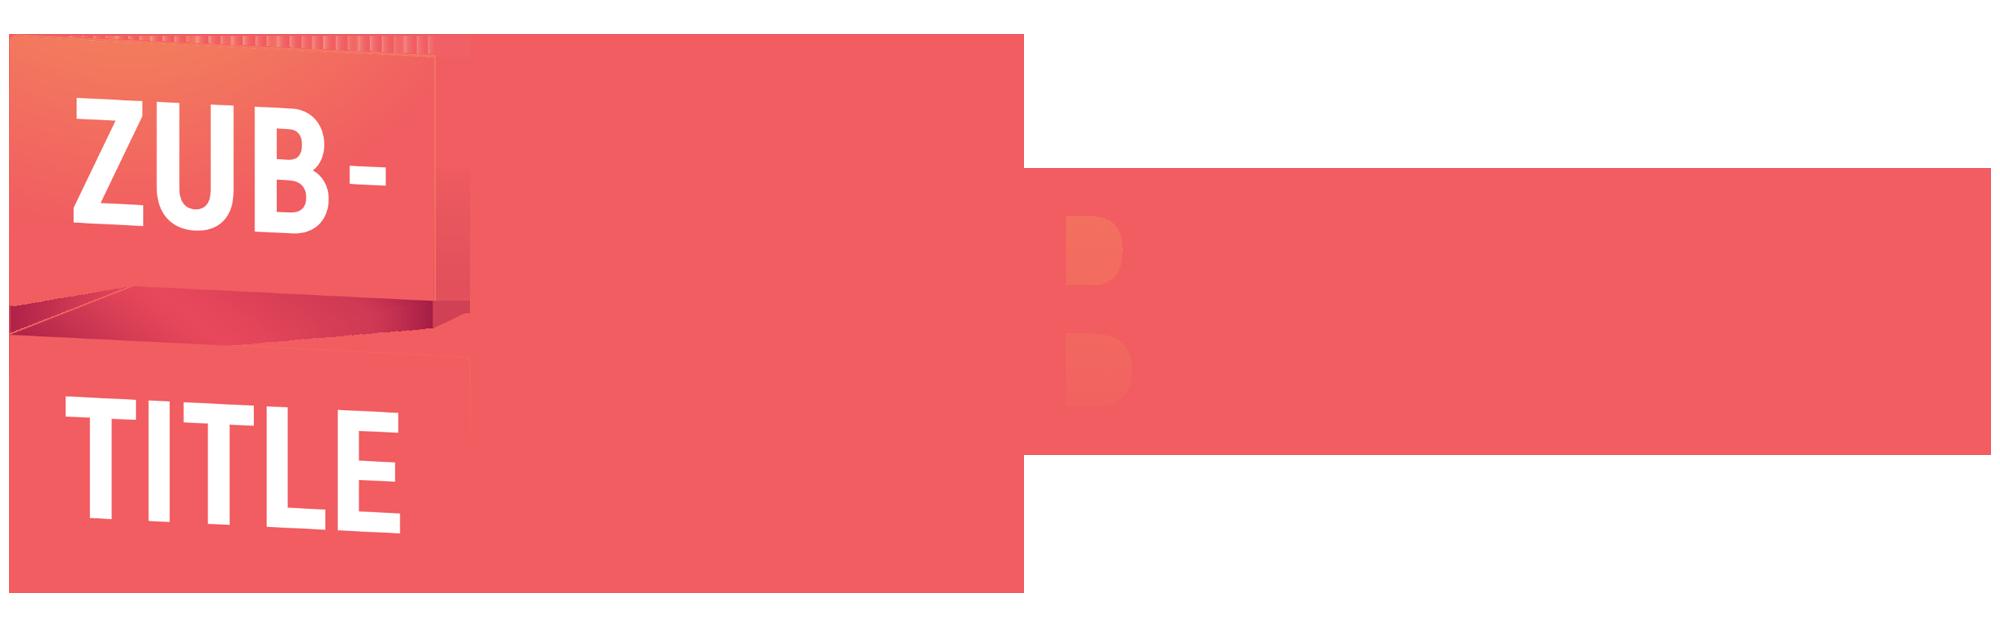 Zub-Title